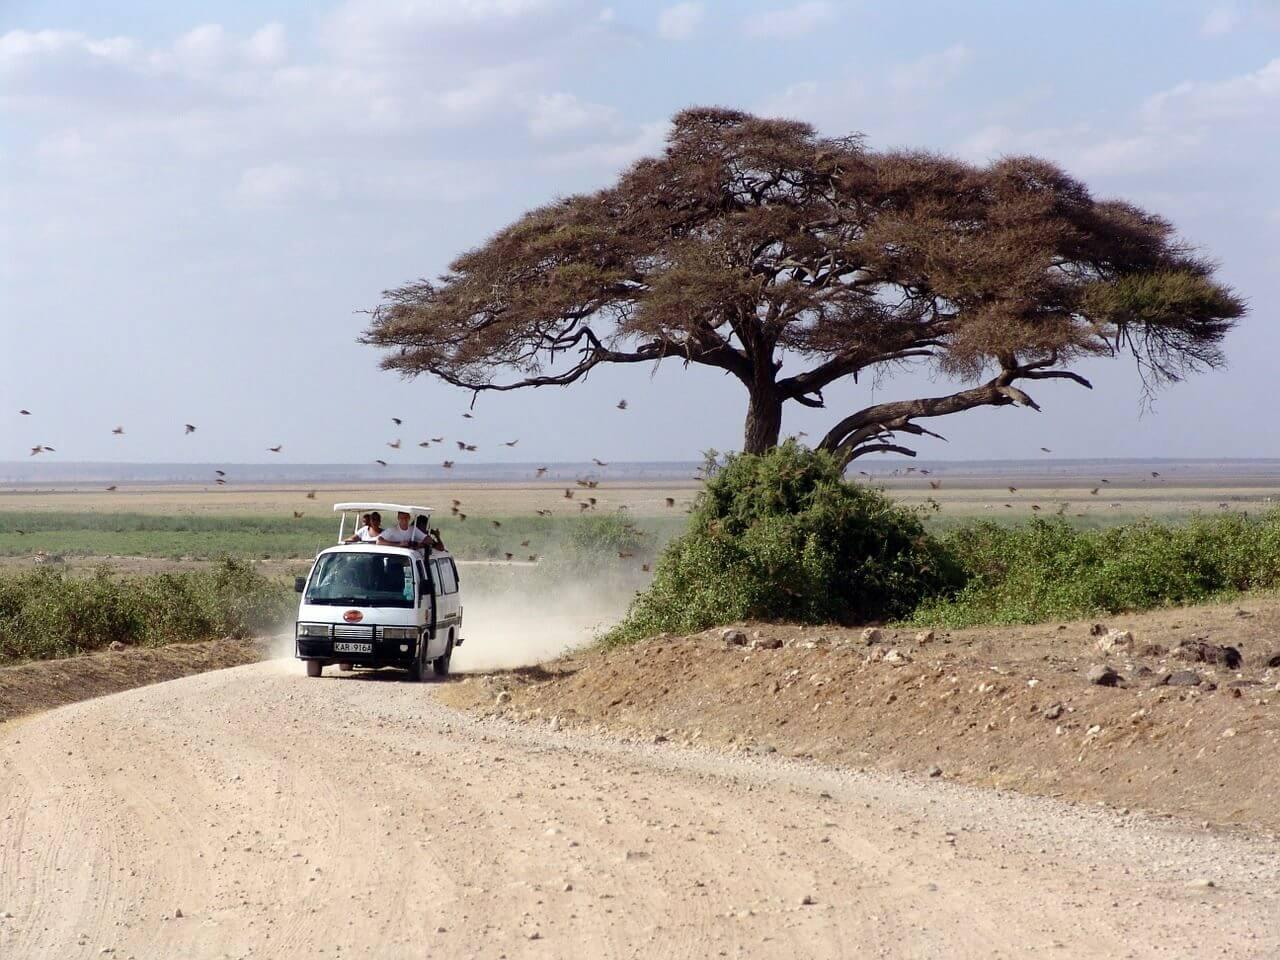 Le Kenya, une destination culturelle de premier choix